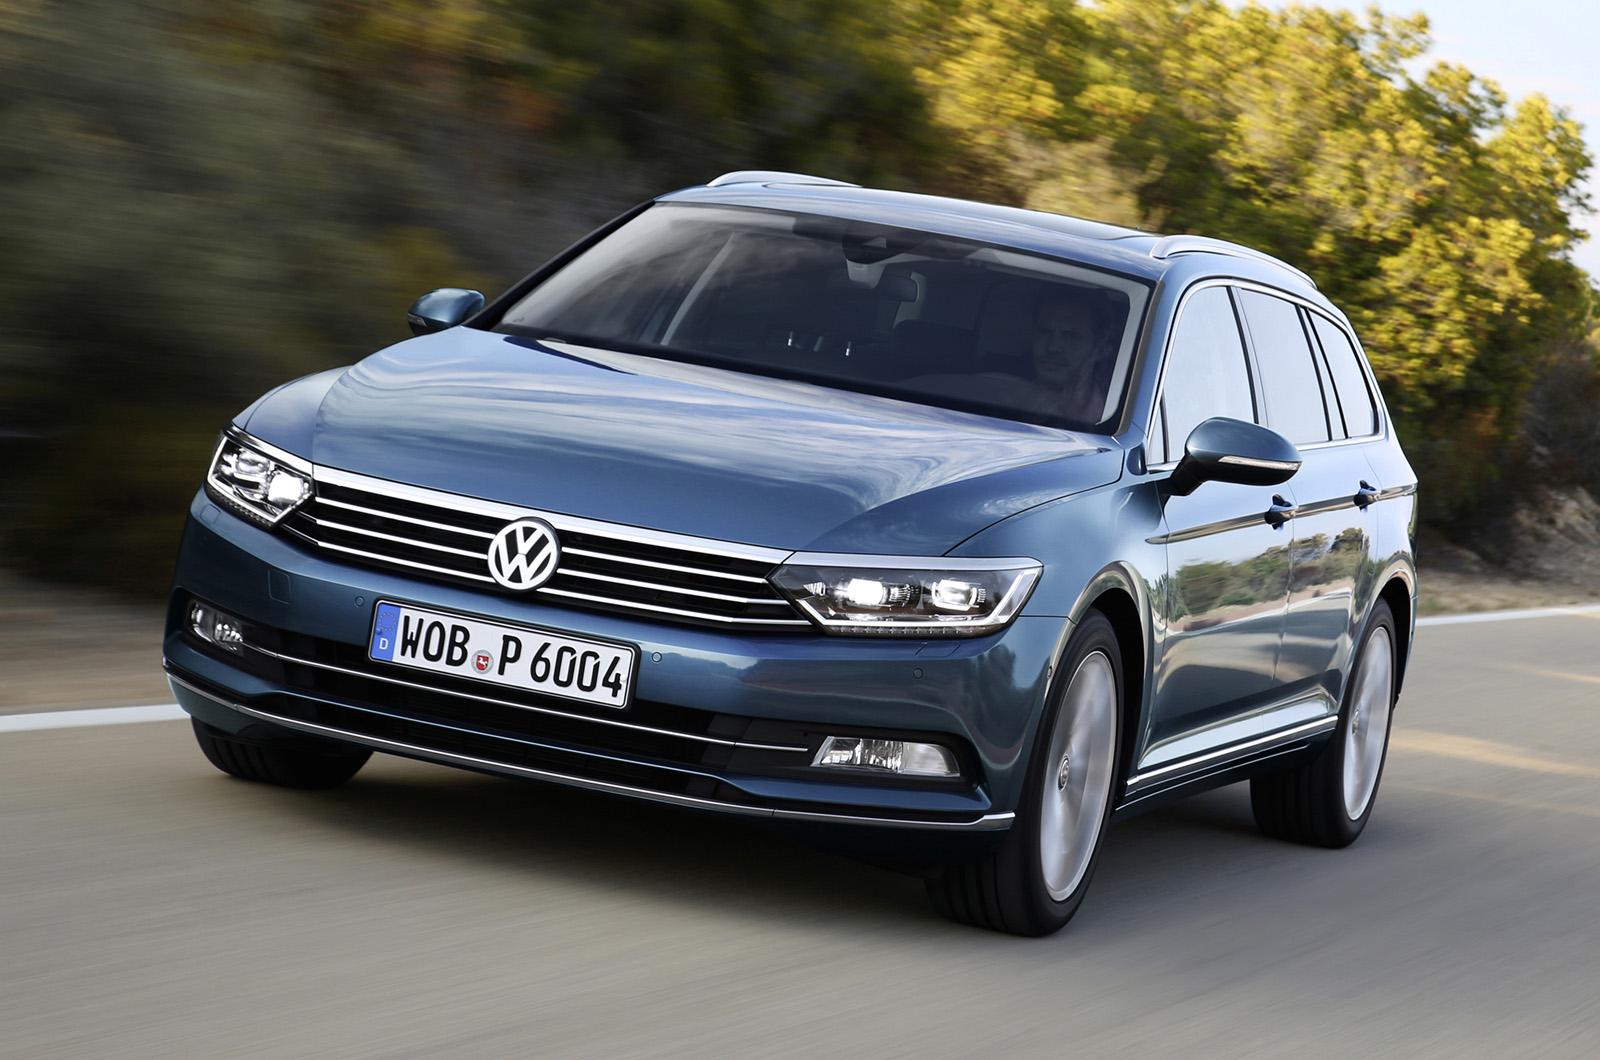 Volkswagen Passat Estate 2 0 Tdi Bluemotion Technology First Drive